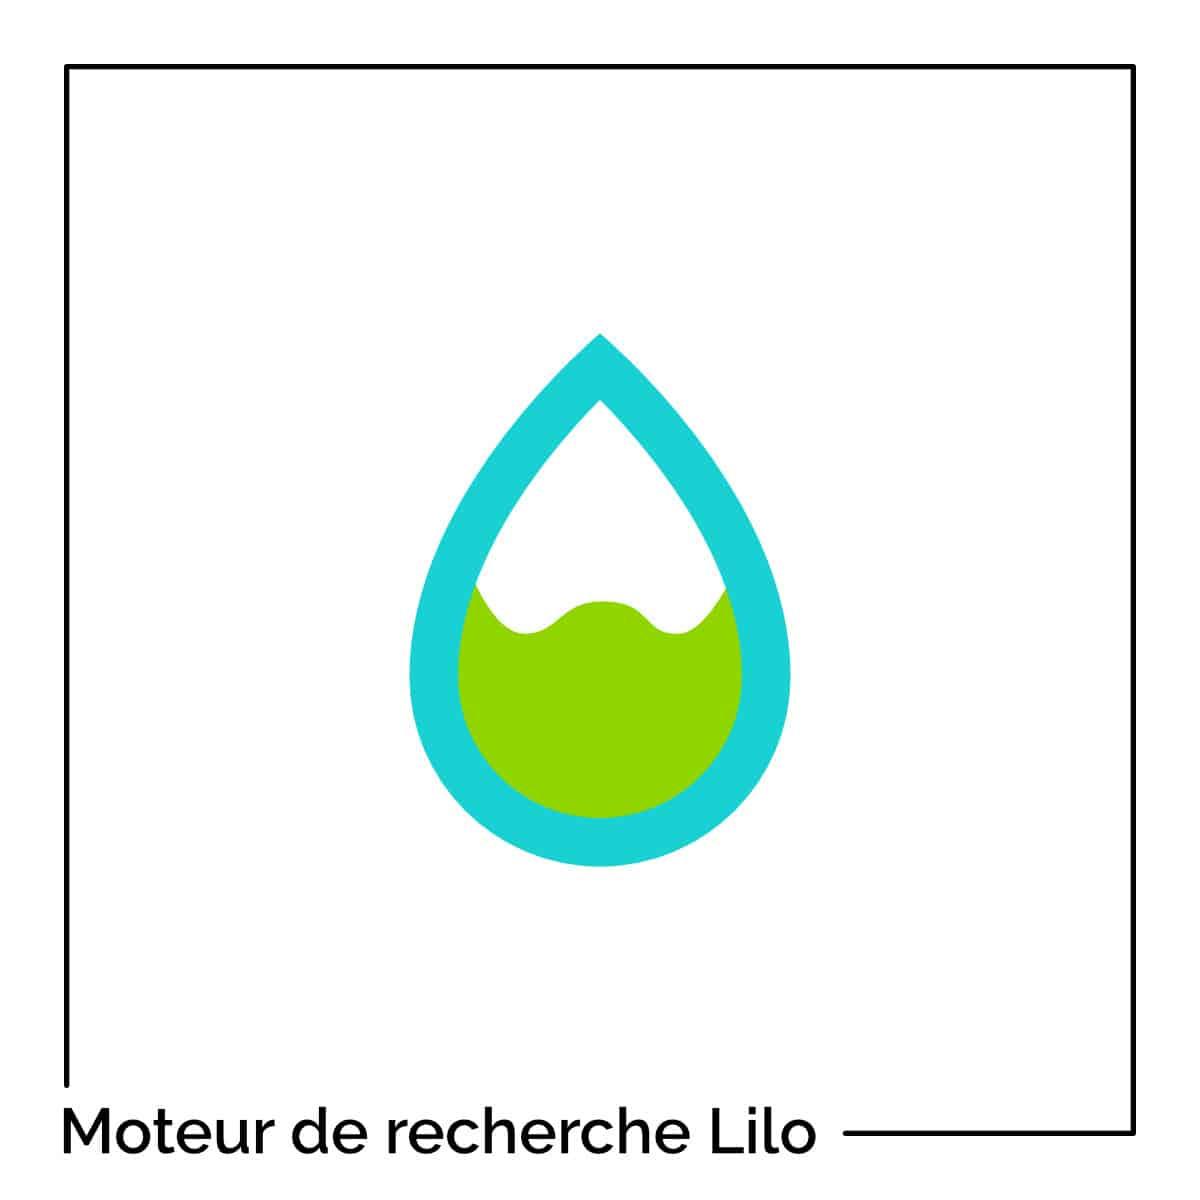 Le moteur de recherche Lilo : être solidaire en surfant sur le web, c'est possible !